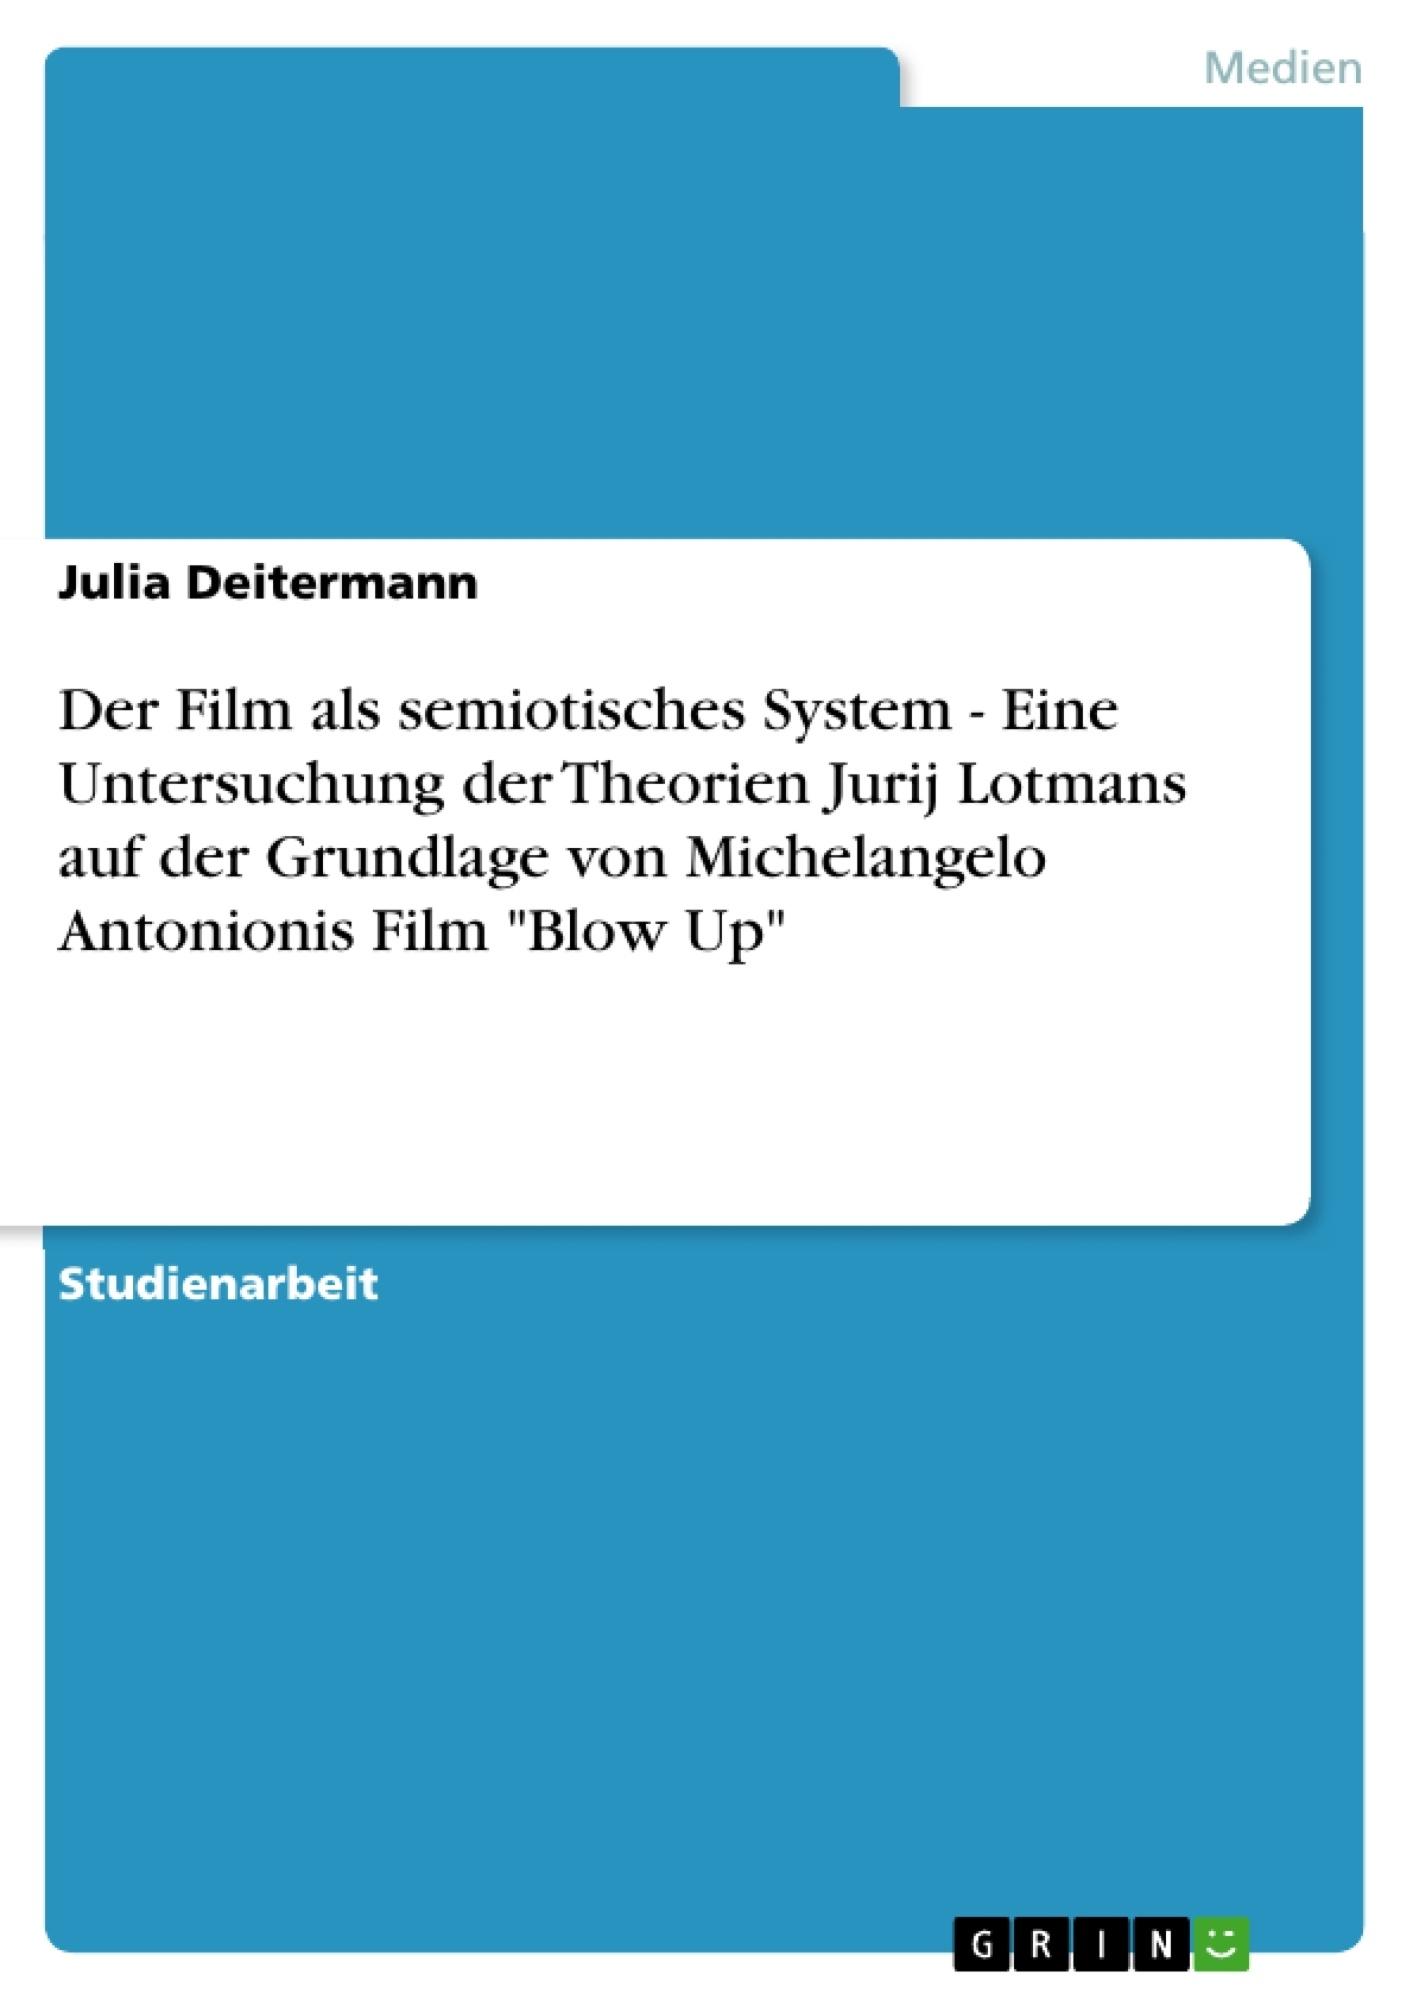 """Titel: Der Film als semiotisches System - Eine Untersuchung der Theorien Jurij Lotmans auf der Grundlage von Michelangelo Antonionis Film """"Blow Up"""""""